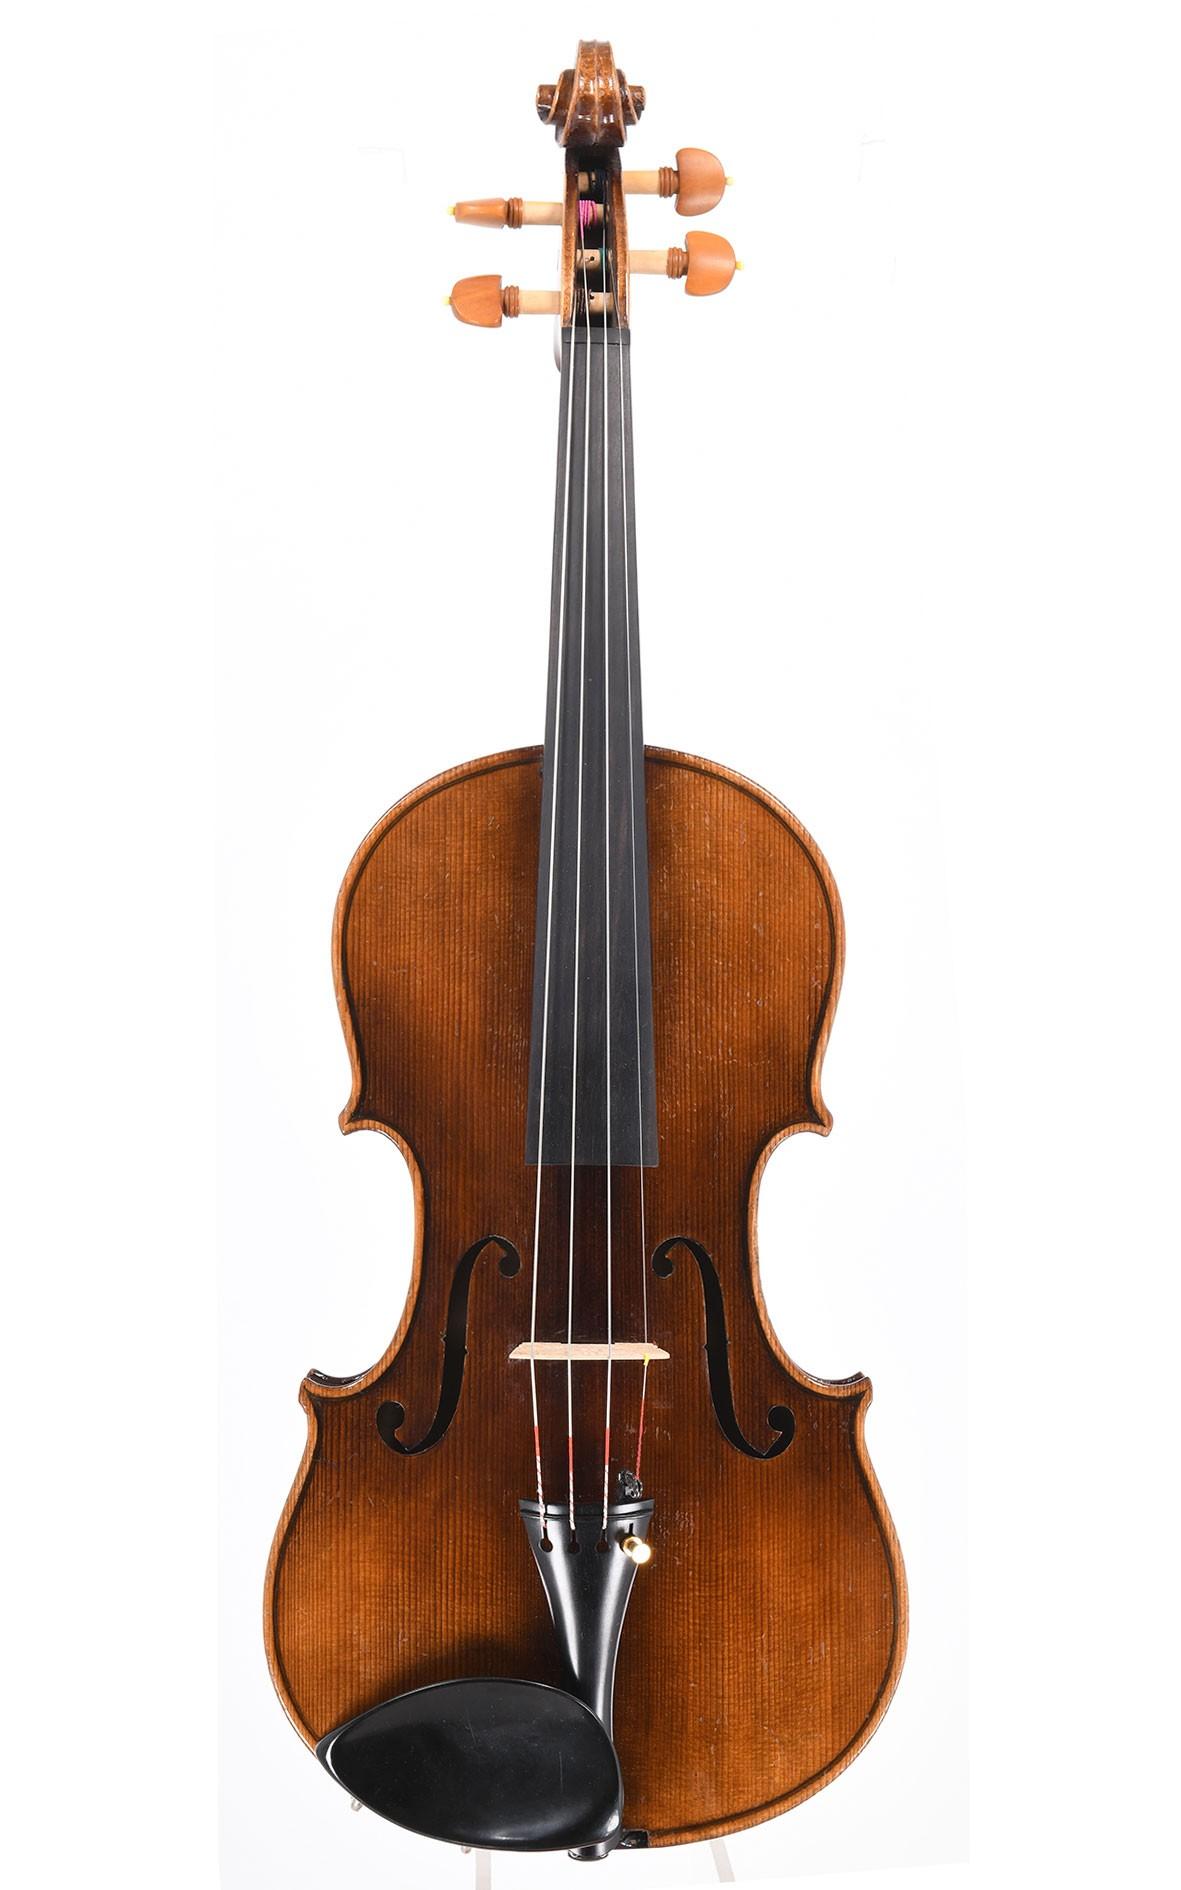 Antique 1920's Schuster & Co violin, Markneukirchen